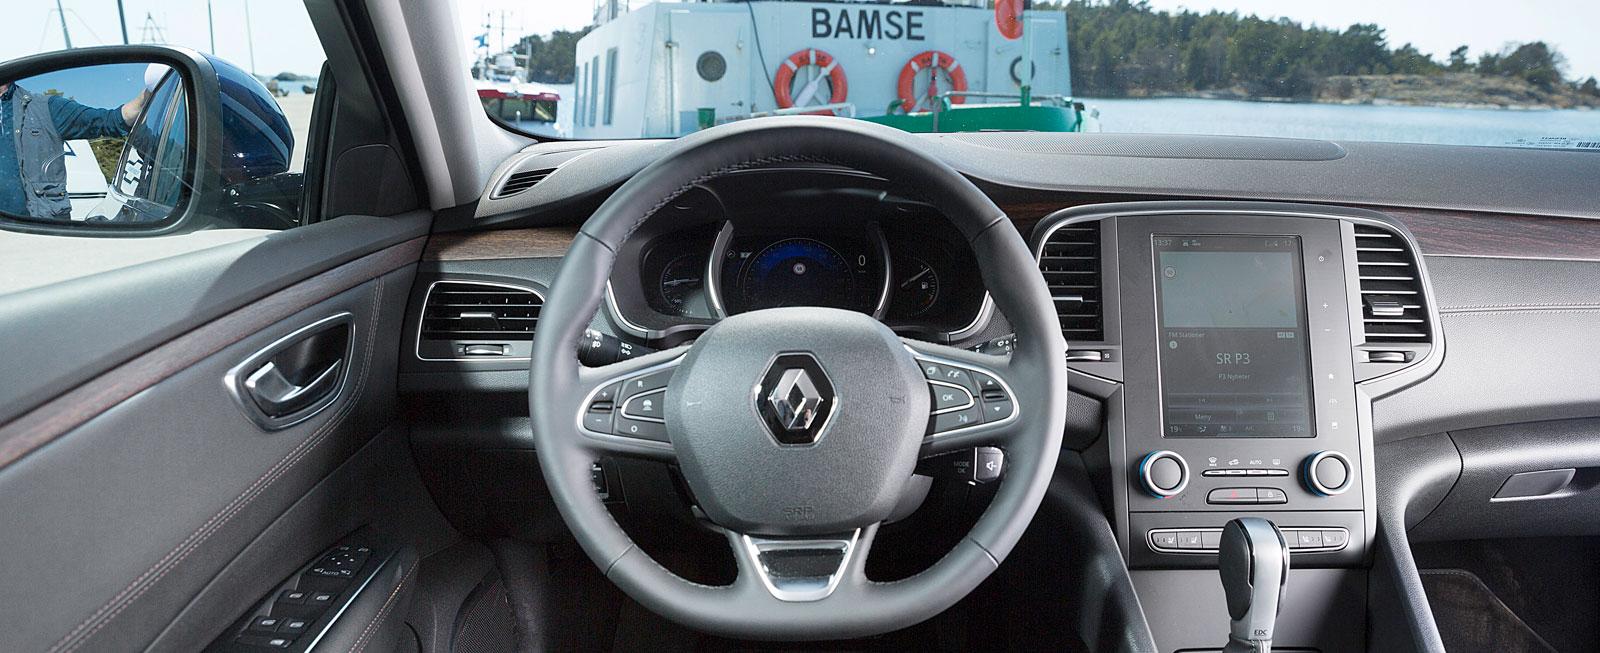 A-stolparna stör sikten och känslan i växelväljaren är inte riktigt på topp. I övrigt är det lätt att trivas i Renaults ombonade och eleganta förarmiljö.